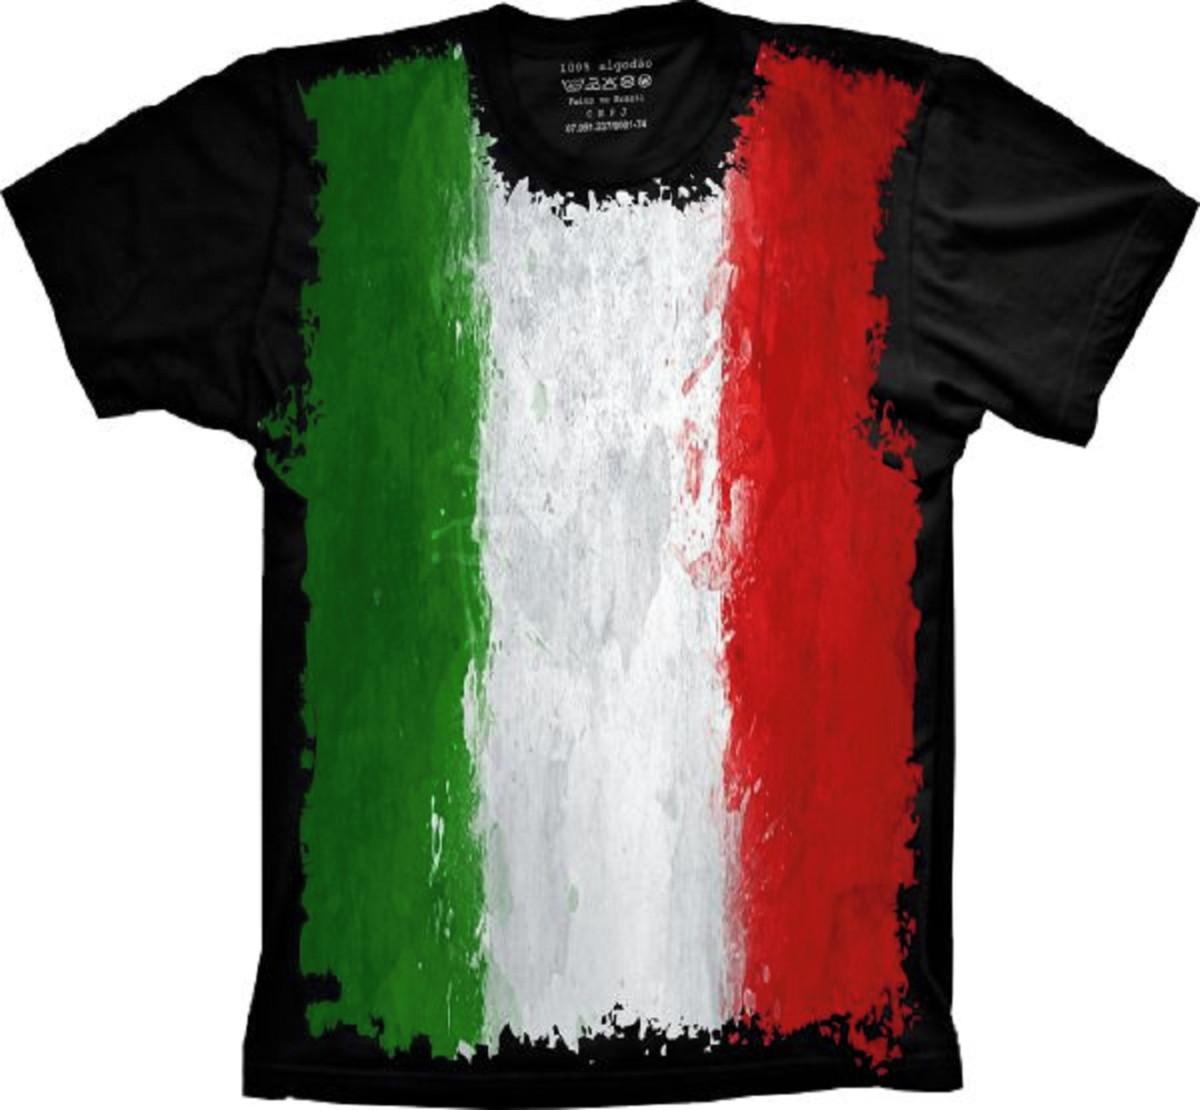 Camiseta Bandeira Itália S-05 no Elo7  08cc0185de4c4